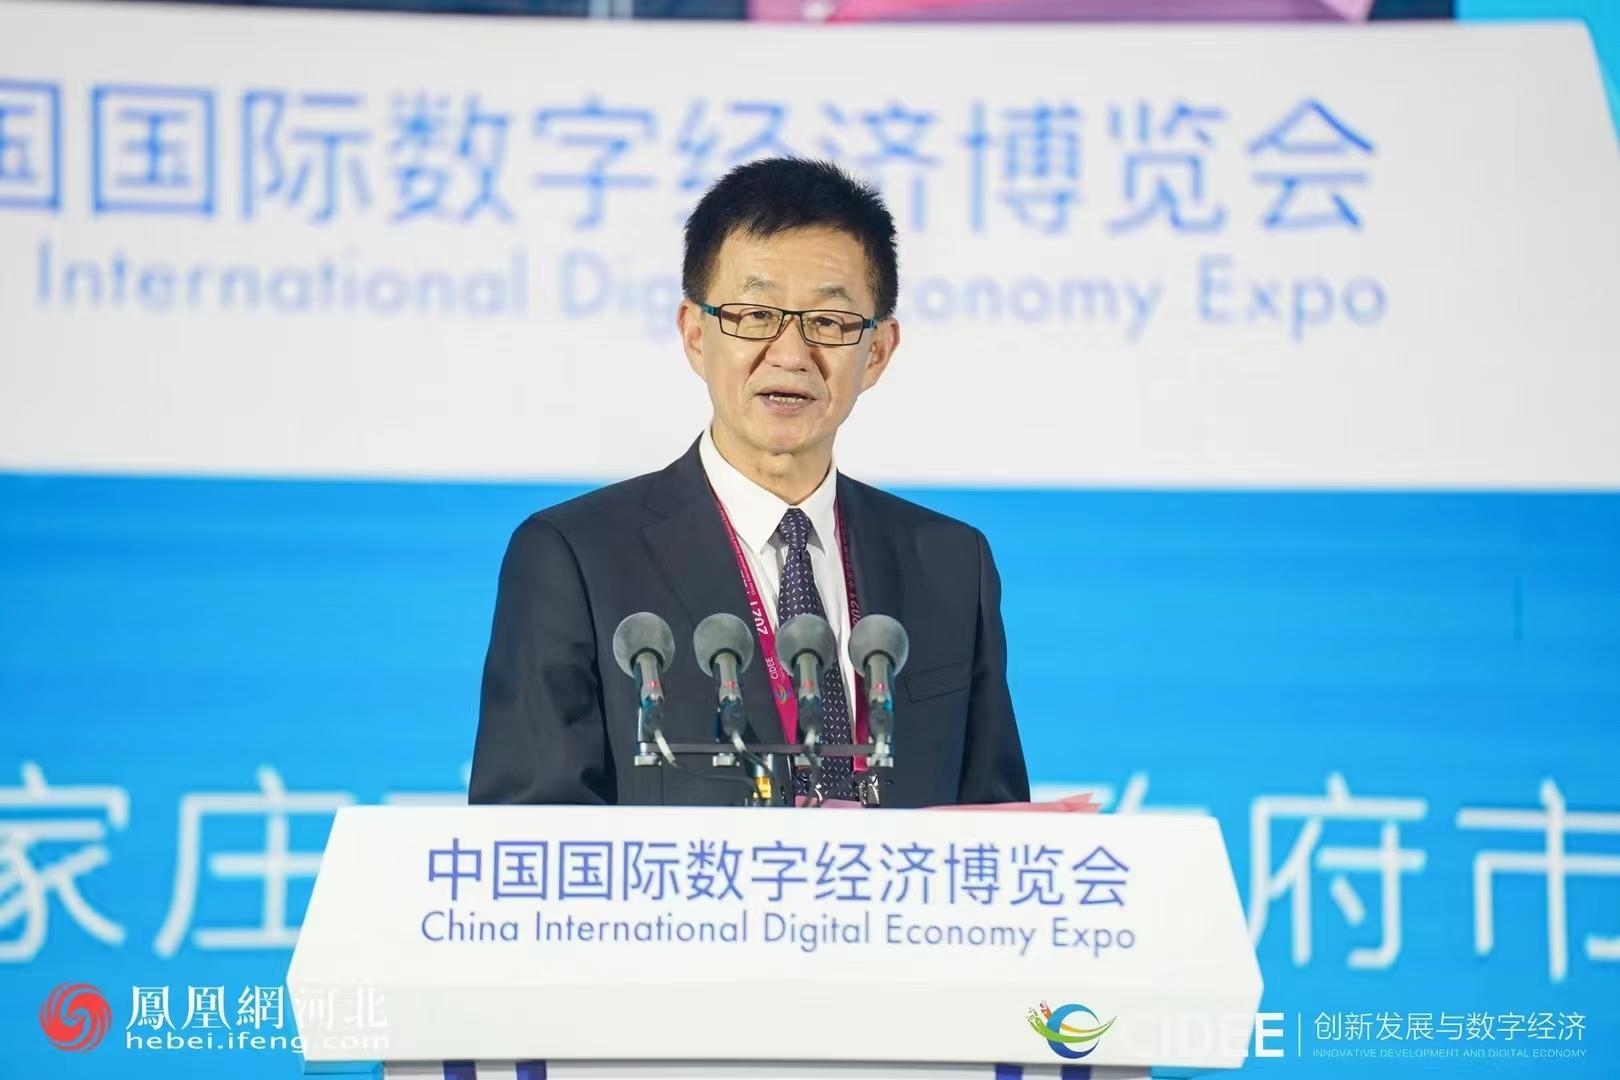 马宇骏:引领创新 驱动转型 数字赋能省会经济高质量发展